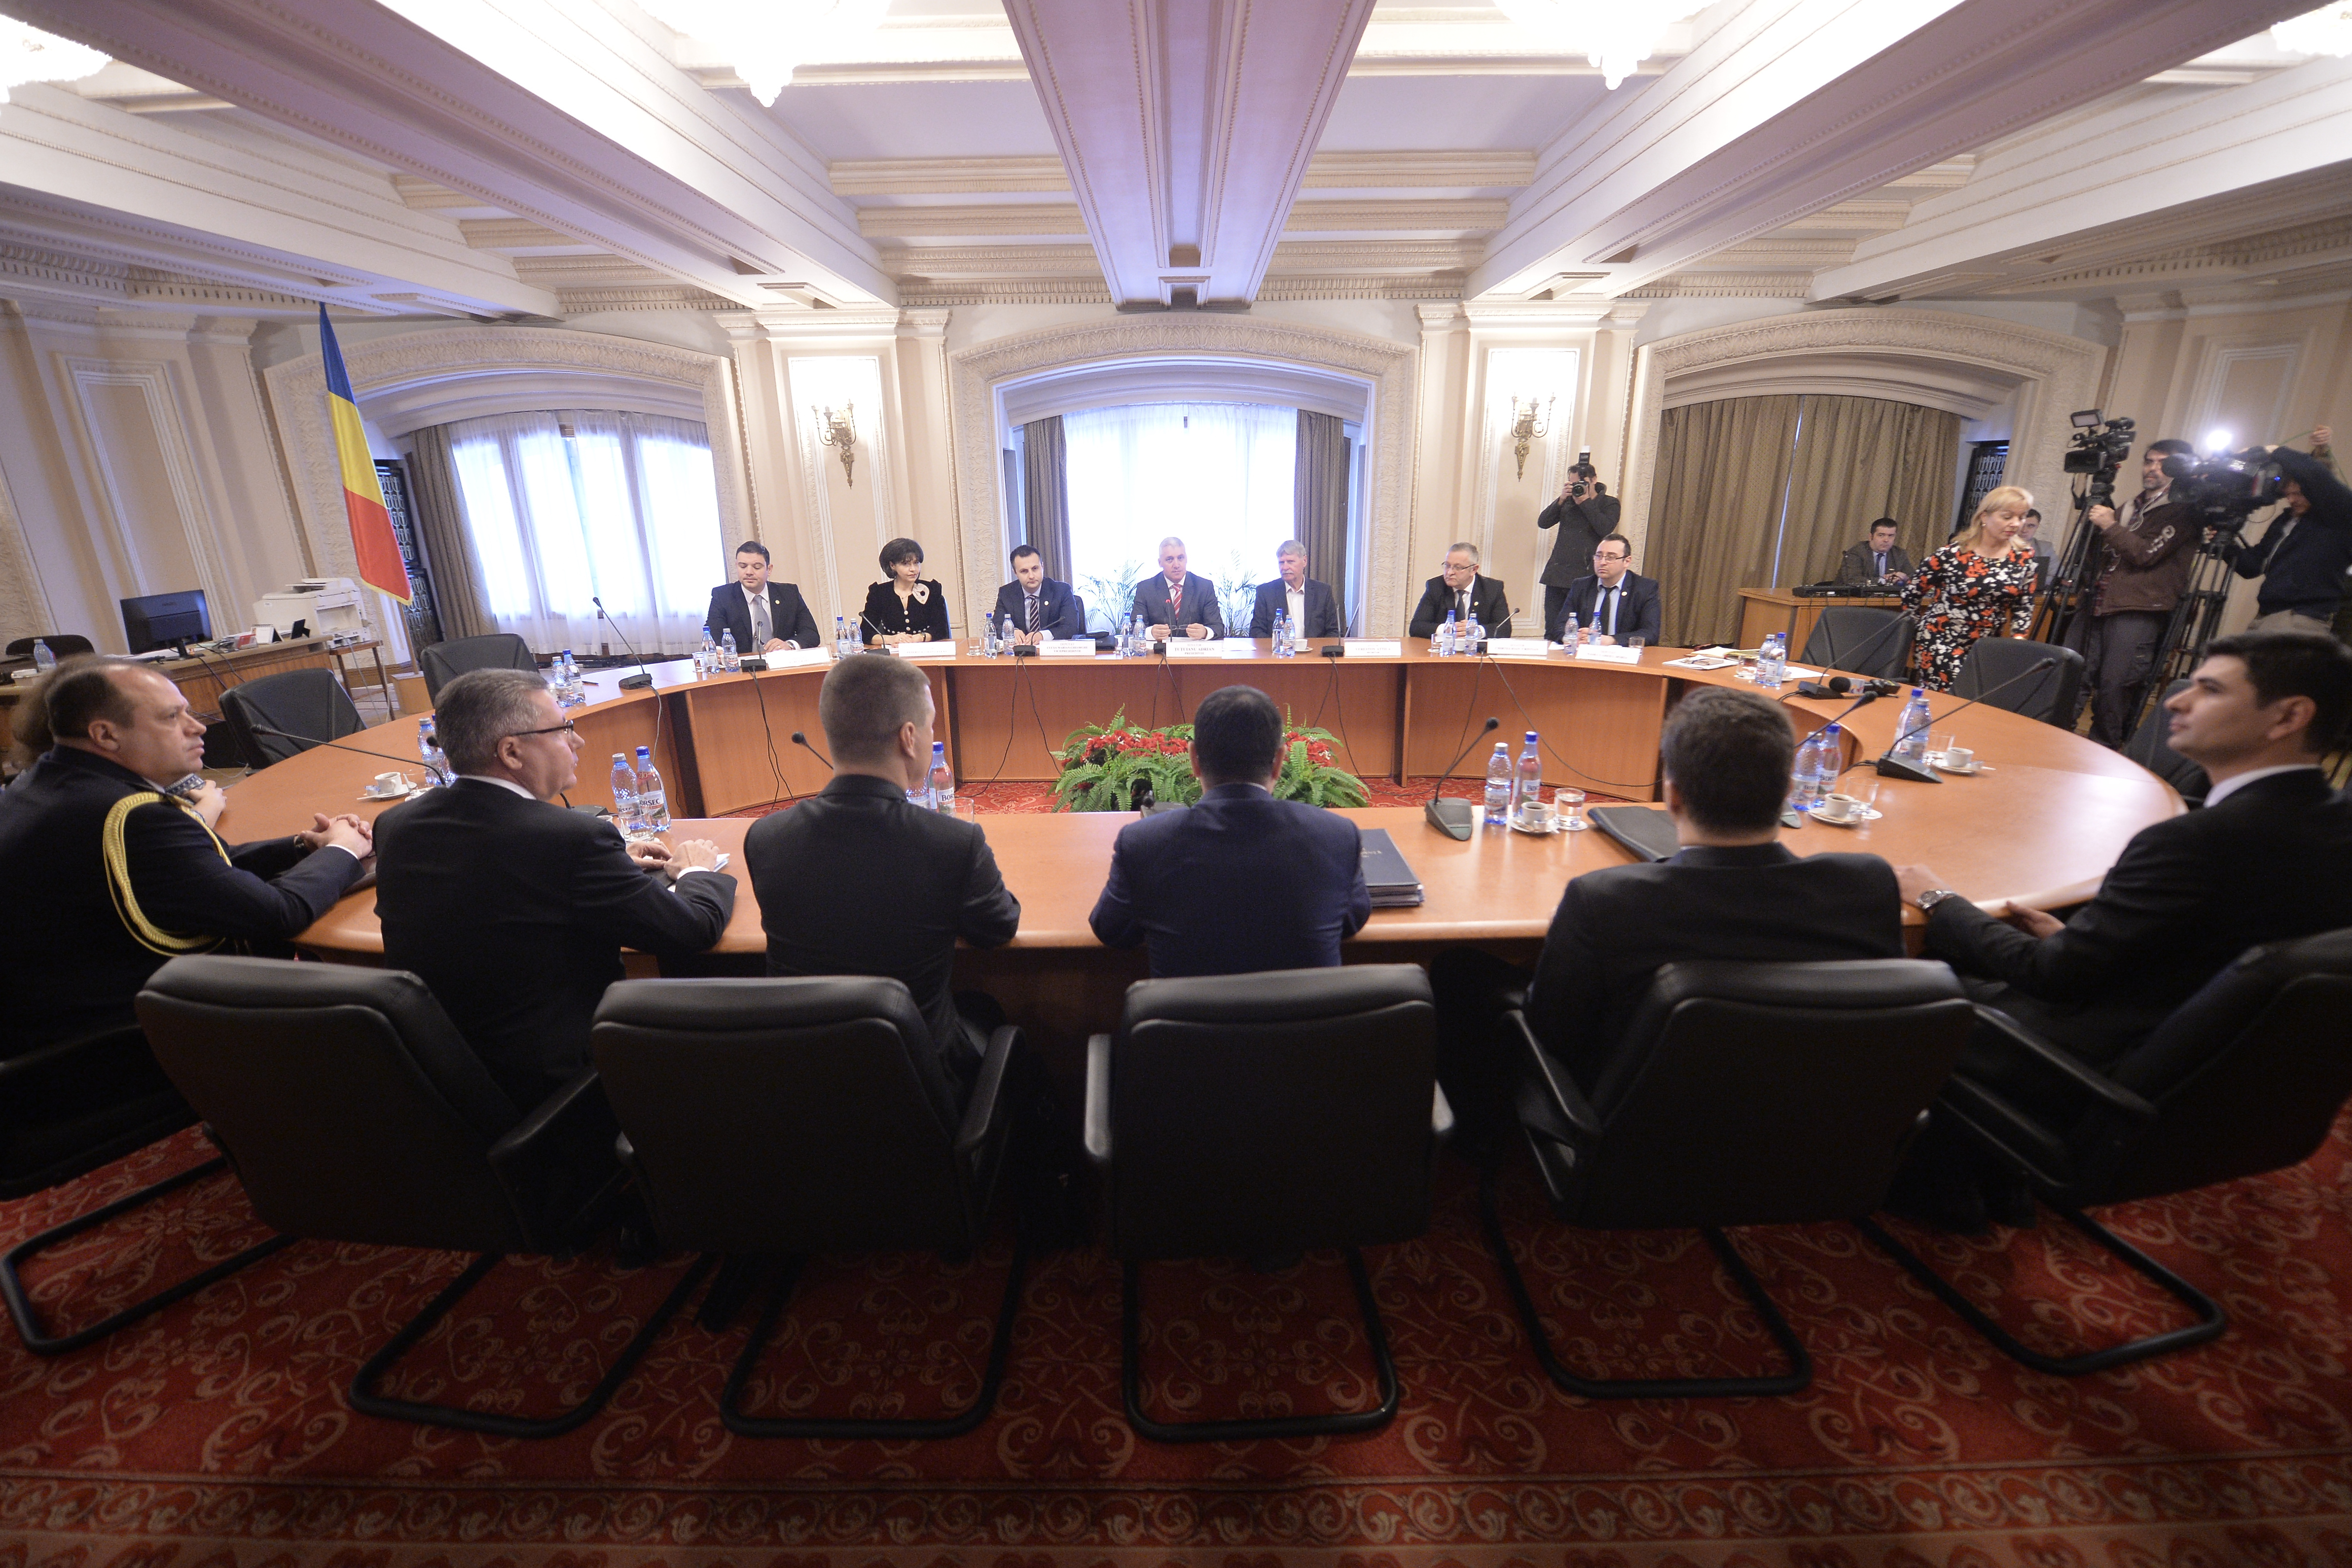 New Europe, o altă viziune asupra DNA şi rolului Comisiei de control a SRI: Liderii anticorupţie români ar trebui să fie la fel de verificaţi ca şi cei pe care îi anchetează